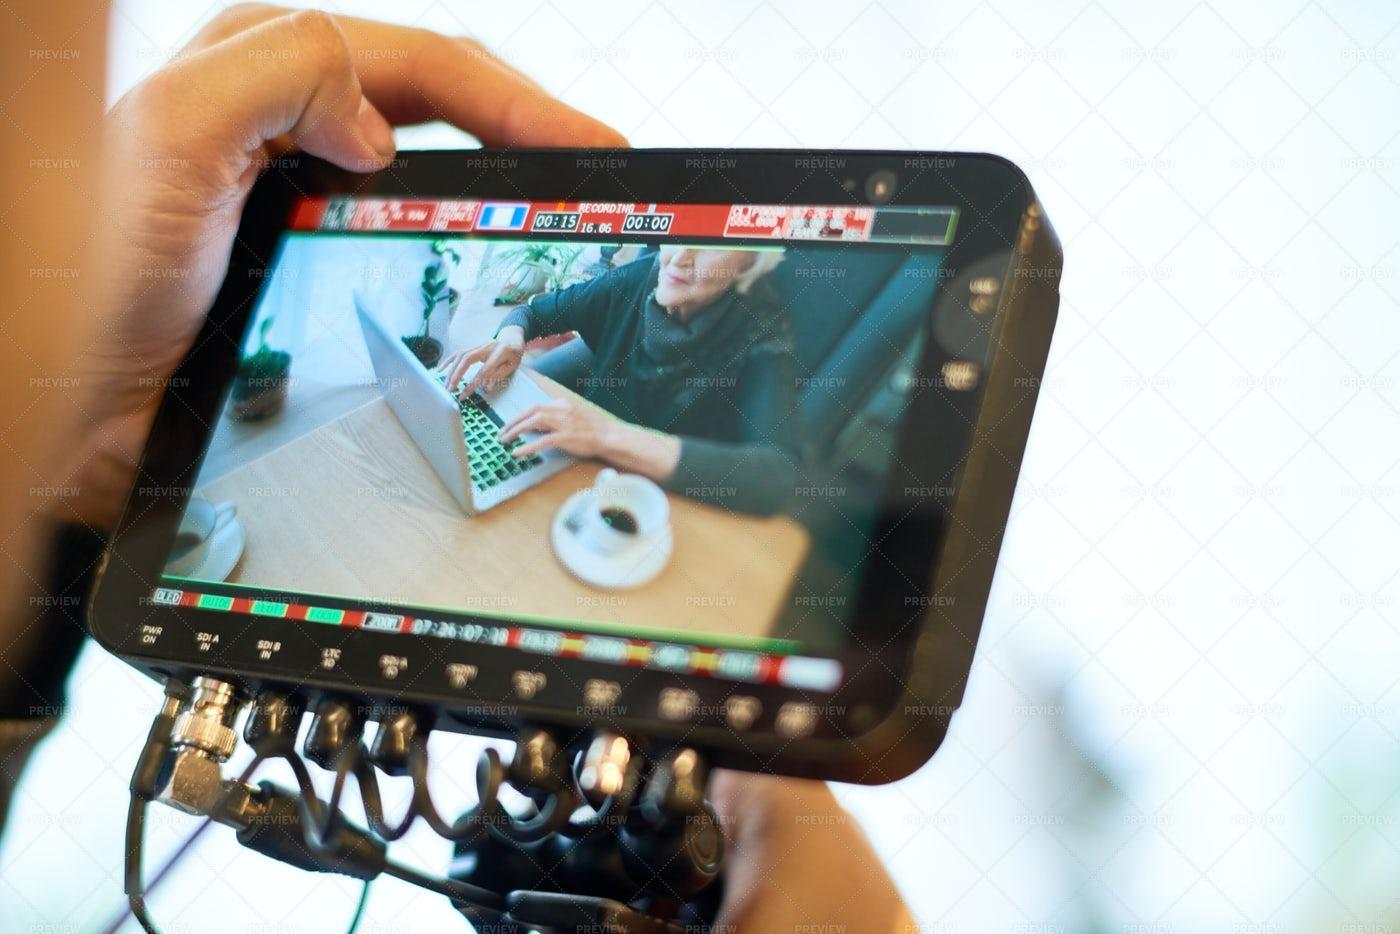 Recording Via Modern Camera: Stock Photos